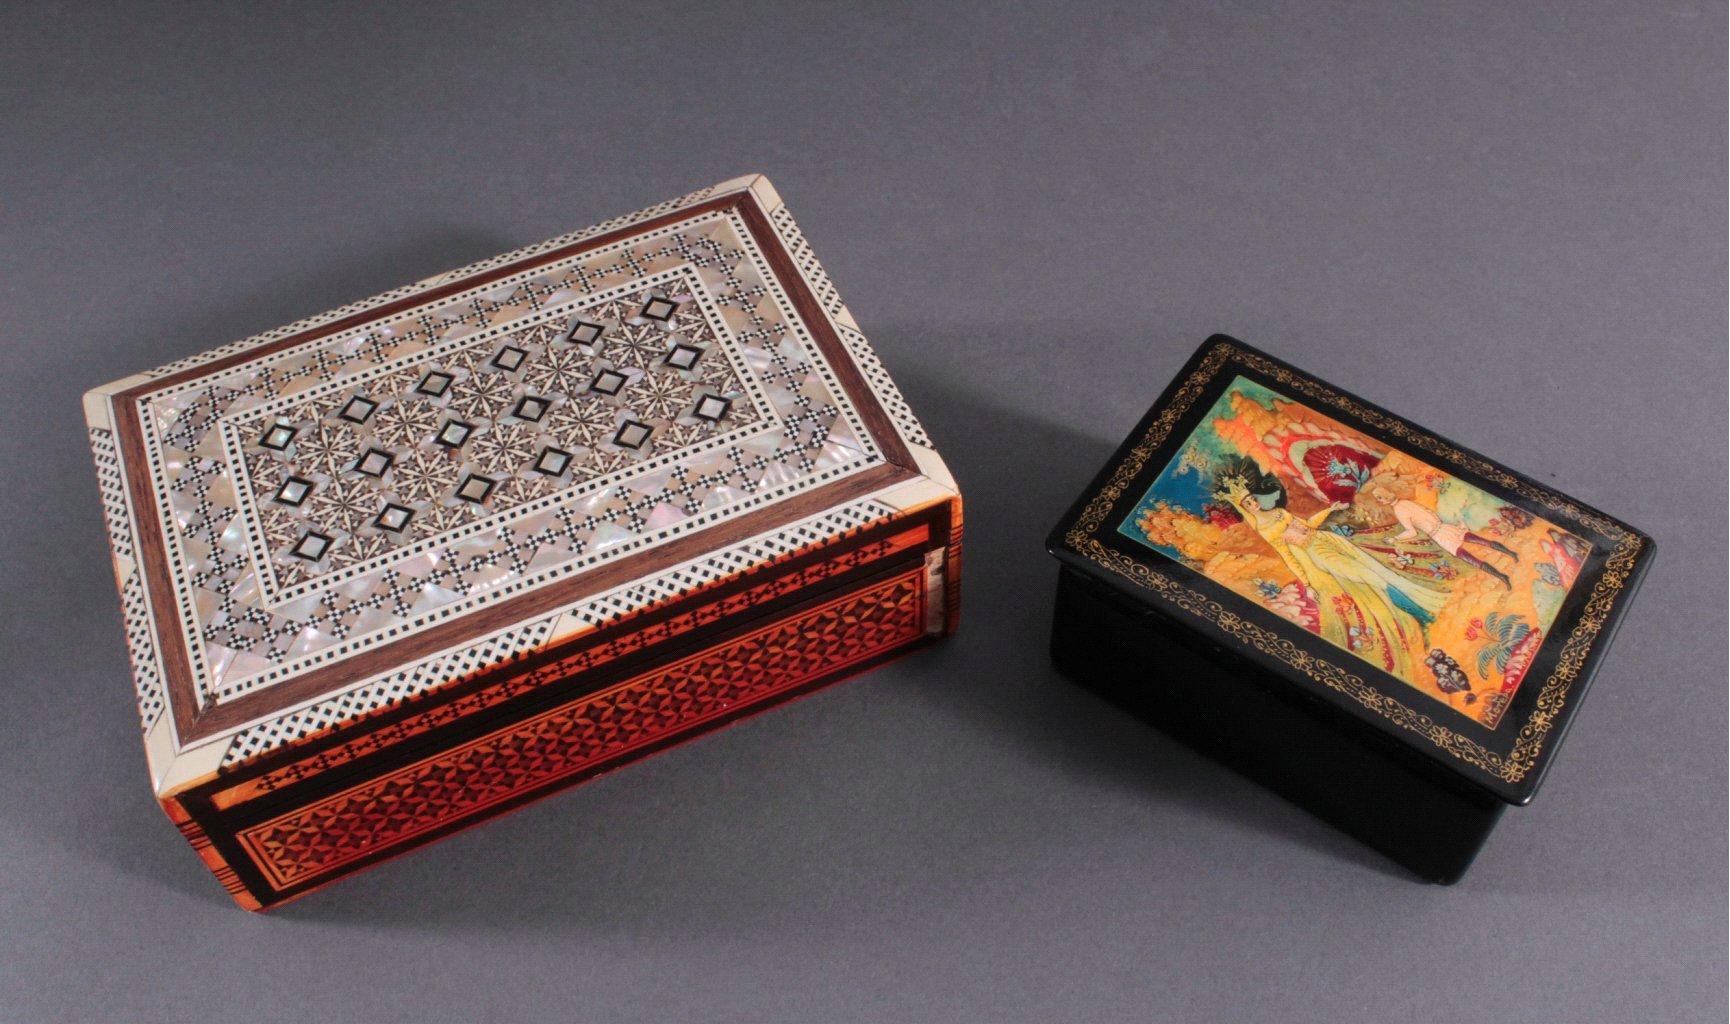 Zwei Asiatische Schatullen